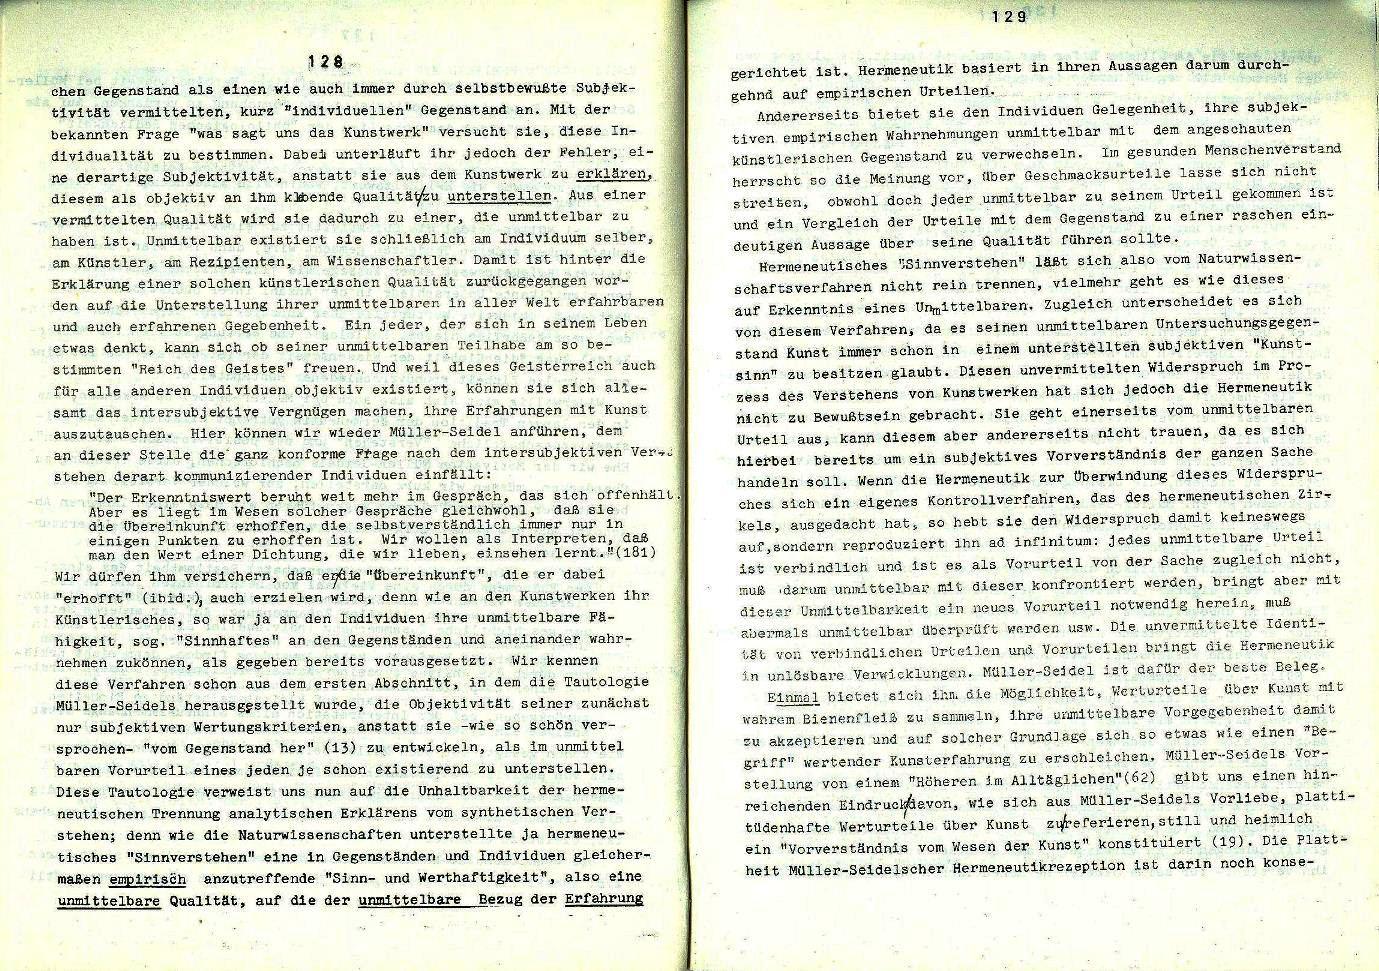 Muenchen_AK_Sozialistisches_Studium067